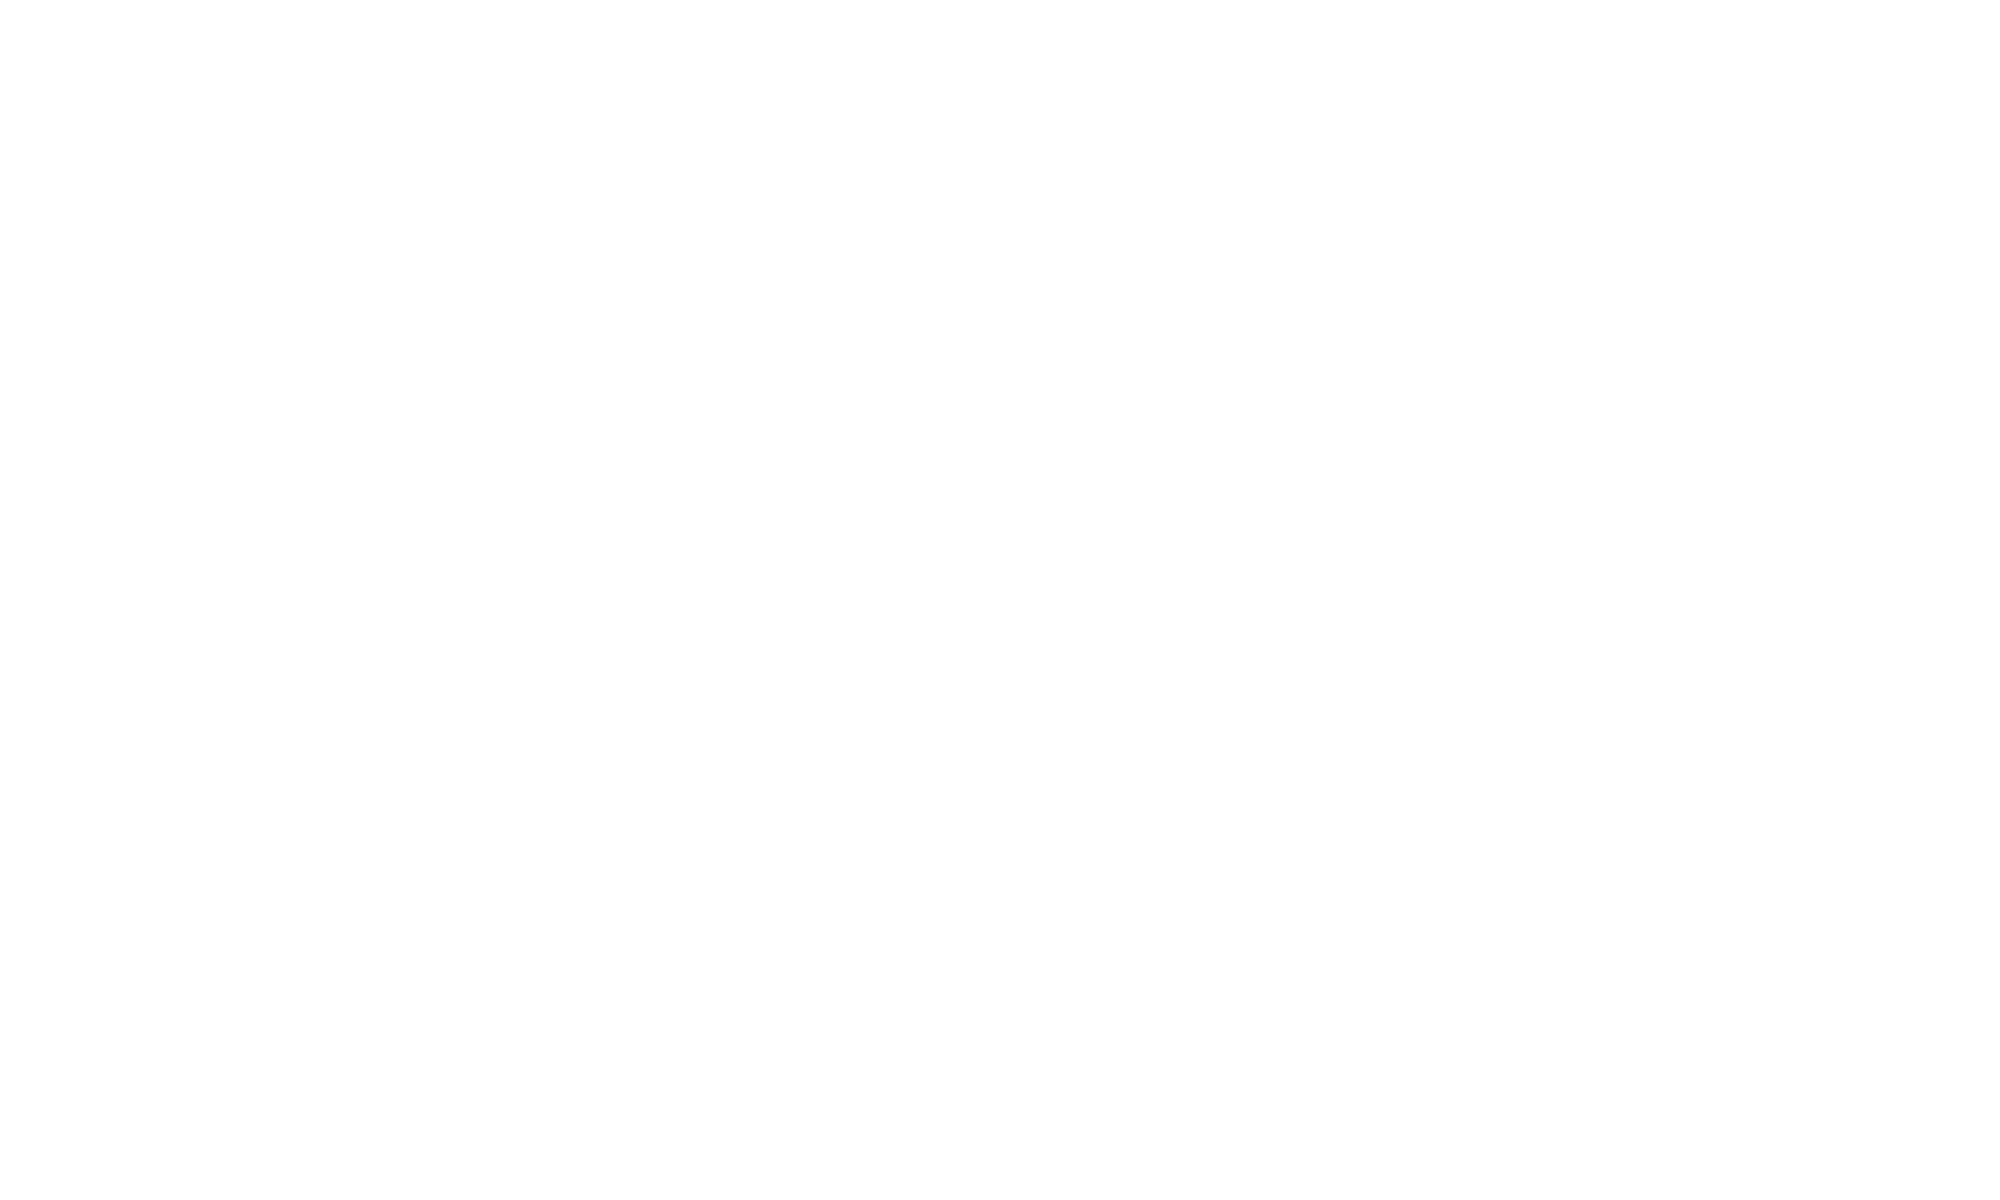 Caffè Populaire est un pop-up café réalisé par @lambertetfils  et @dwa_design_studio à l'occasion du @fuorisalone 2019   Présenté par:   @alcova.milano   Avec le soutien de:  @mariottifulget @revol.porcelaine @mercury_bureau   En collaboration avec:   @casalingheditokyo & @chariaandreatistudio  @antoine_architectural_finishes @cantina_terredoltrepo   Avec les designers:  @rachelbussin @sssvll @scmp_designoffice